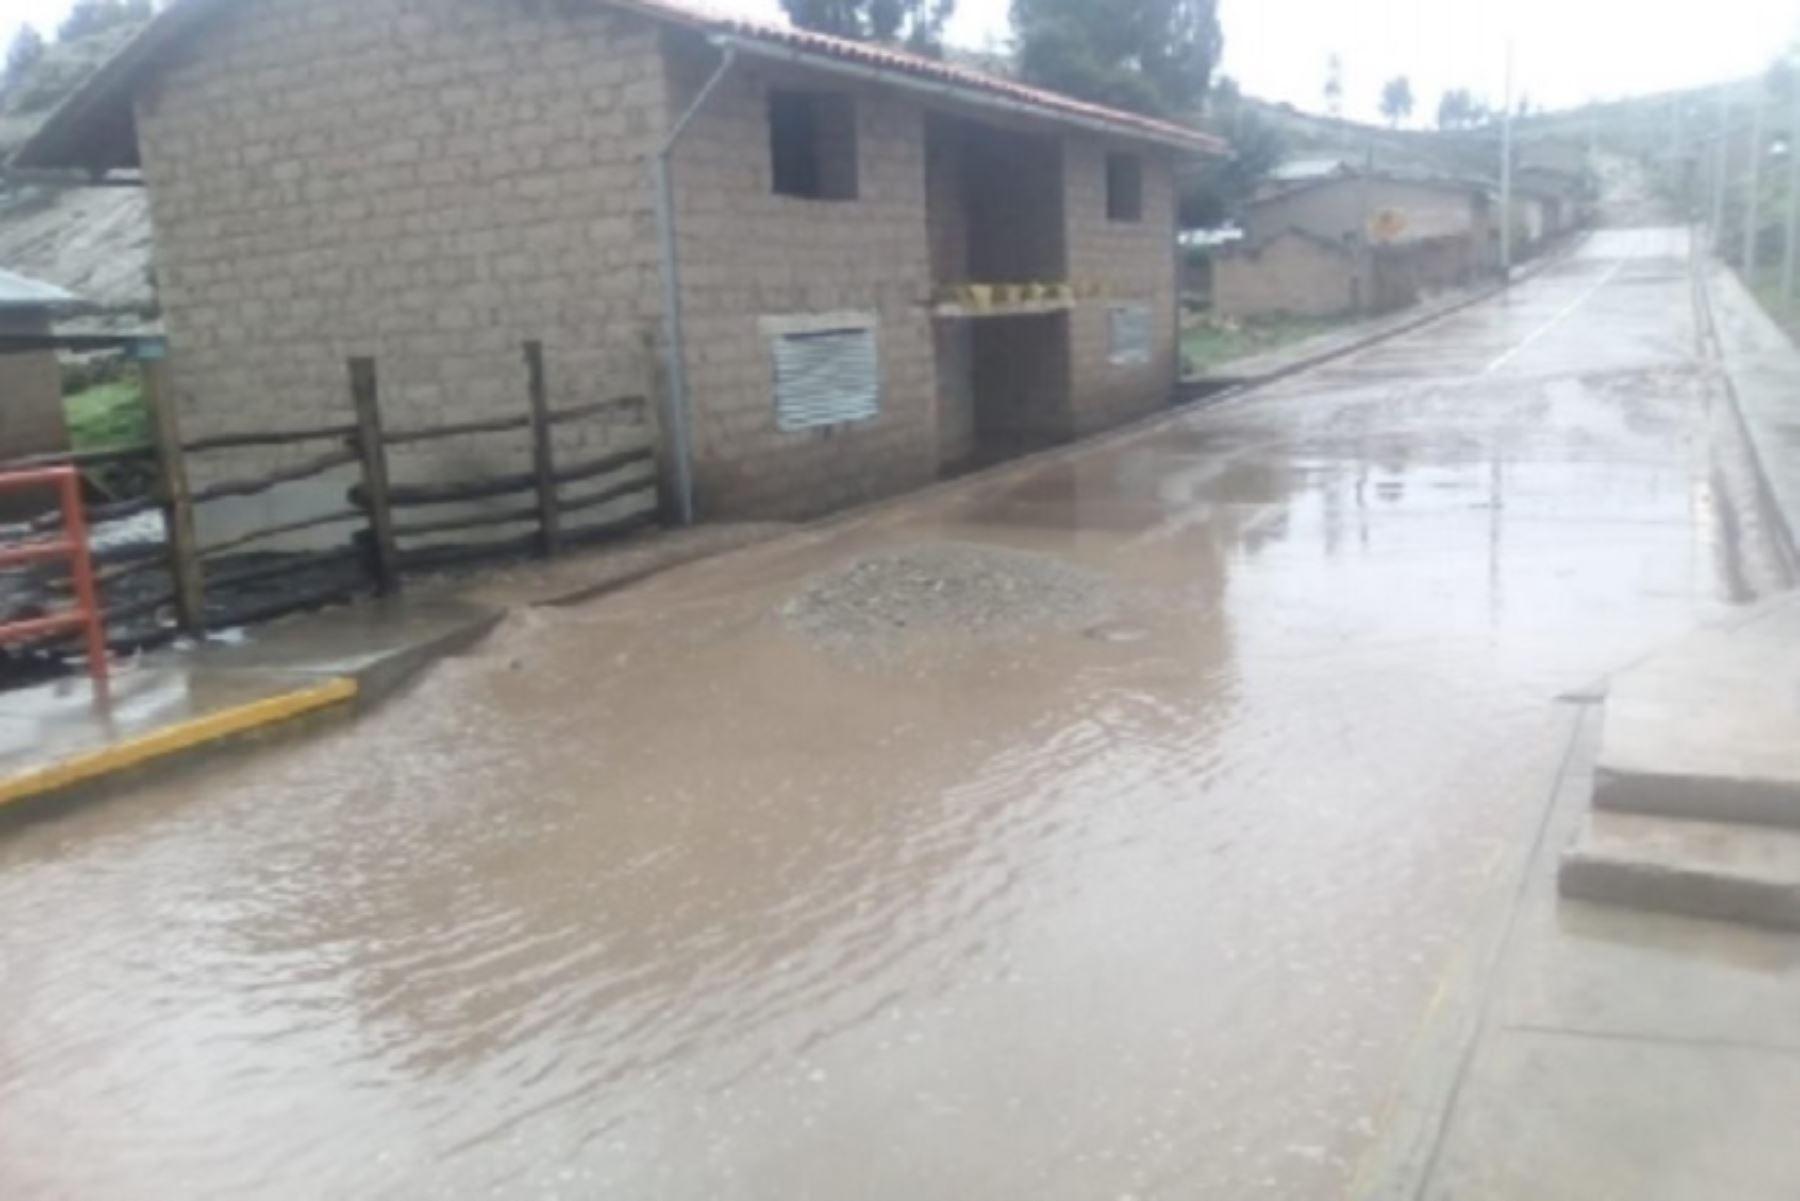 Intensas lluvias causaron la inundación de 49 viviendas ubicadas en el  distrito de Pomacocha, provincia de Andahuaylas, región Apurímac, informó el Instituto Nacional de Defensa Civil (Indeci).